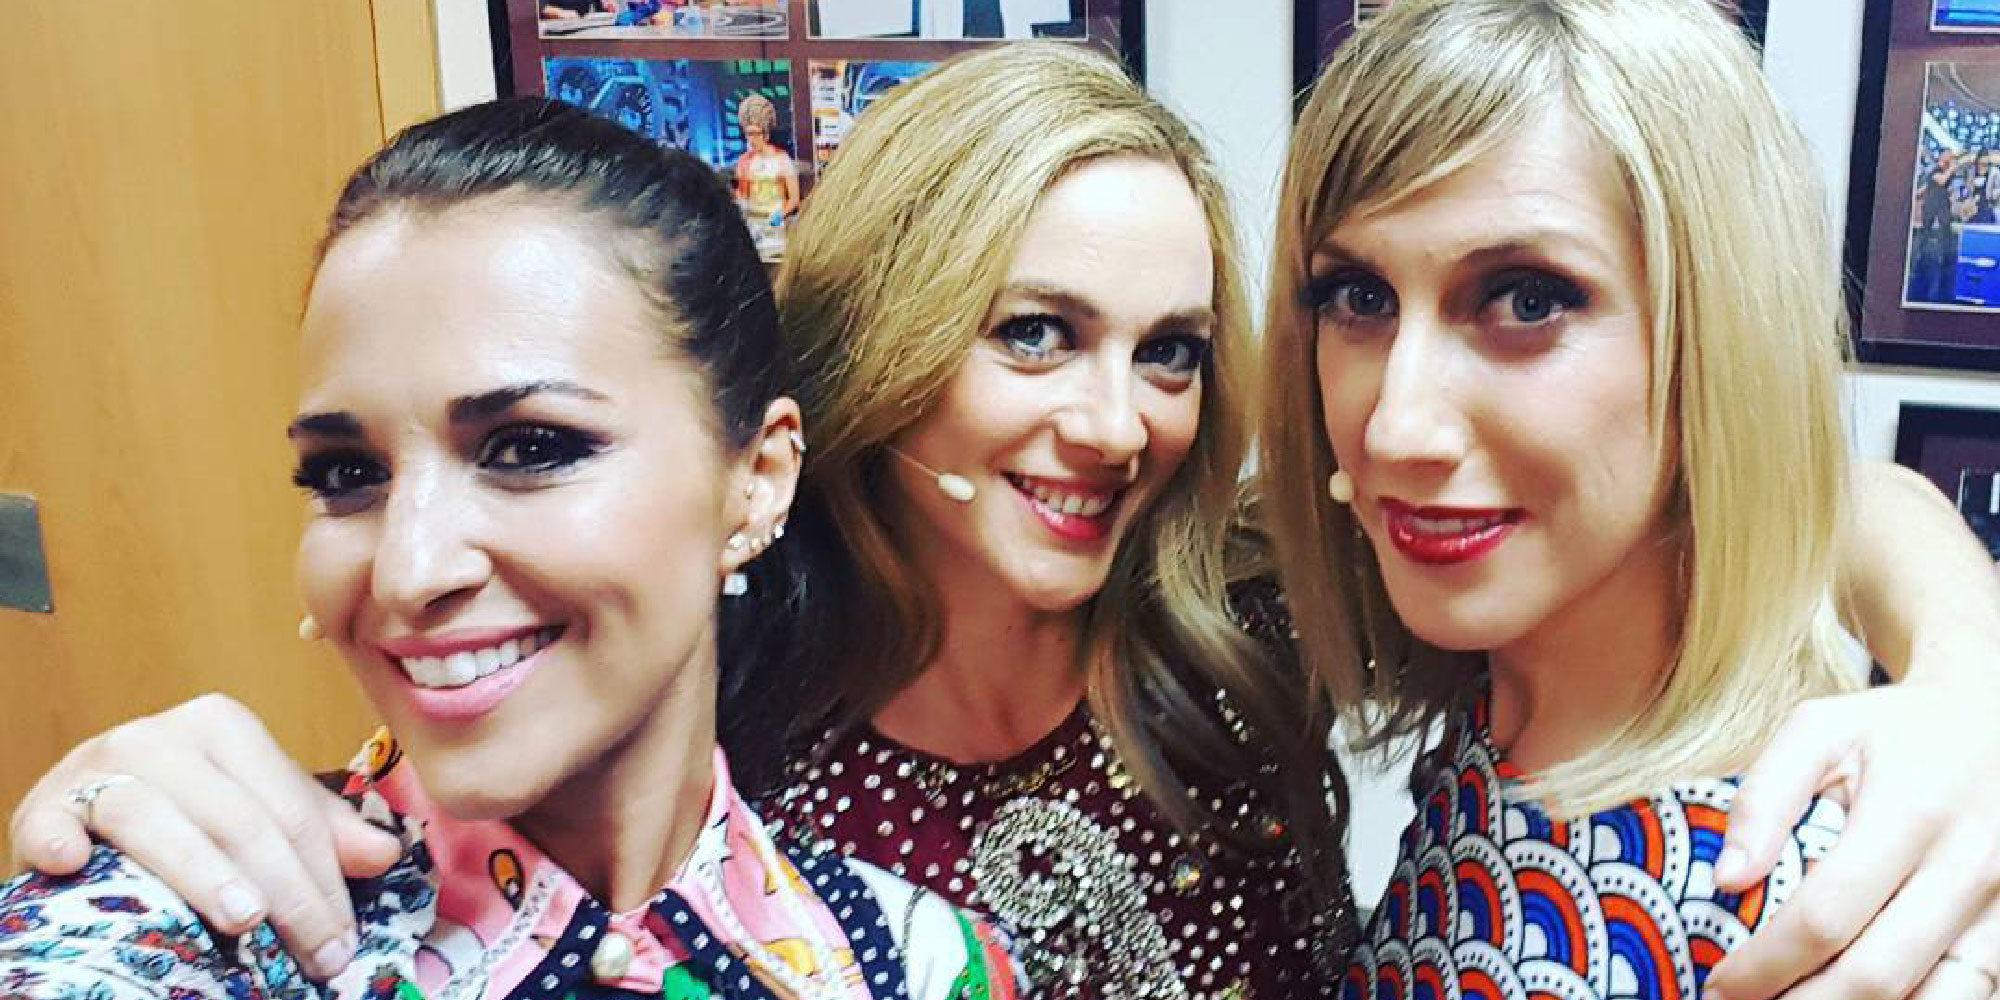 Reencuentro 'Velvet': Marta Hazas, Cecilia Freire y Paula Echevarría se funden en un bonito abrazo